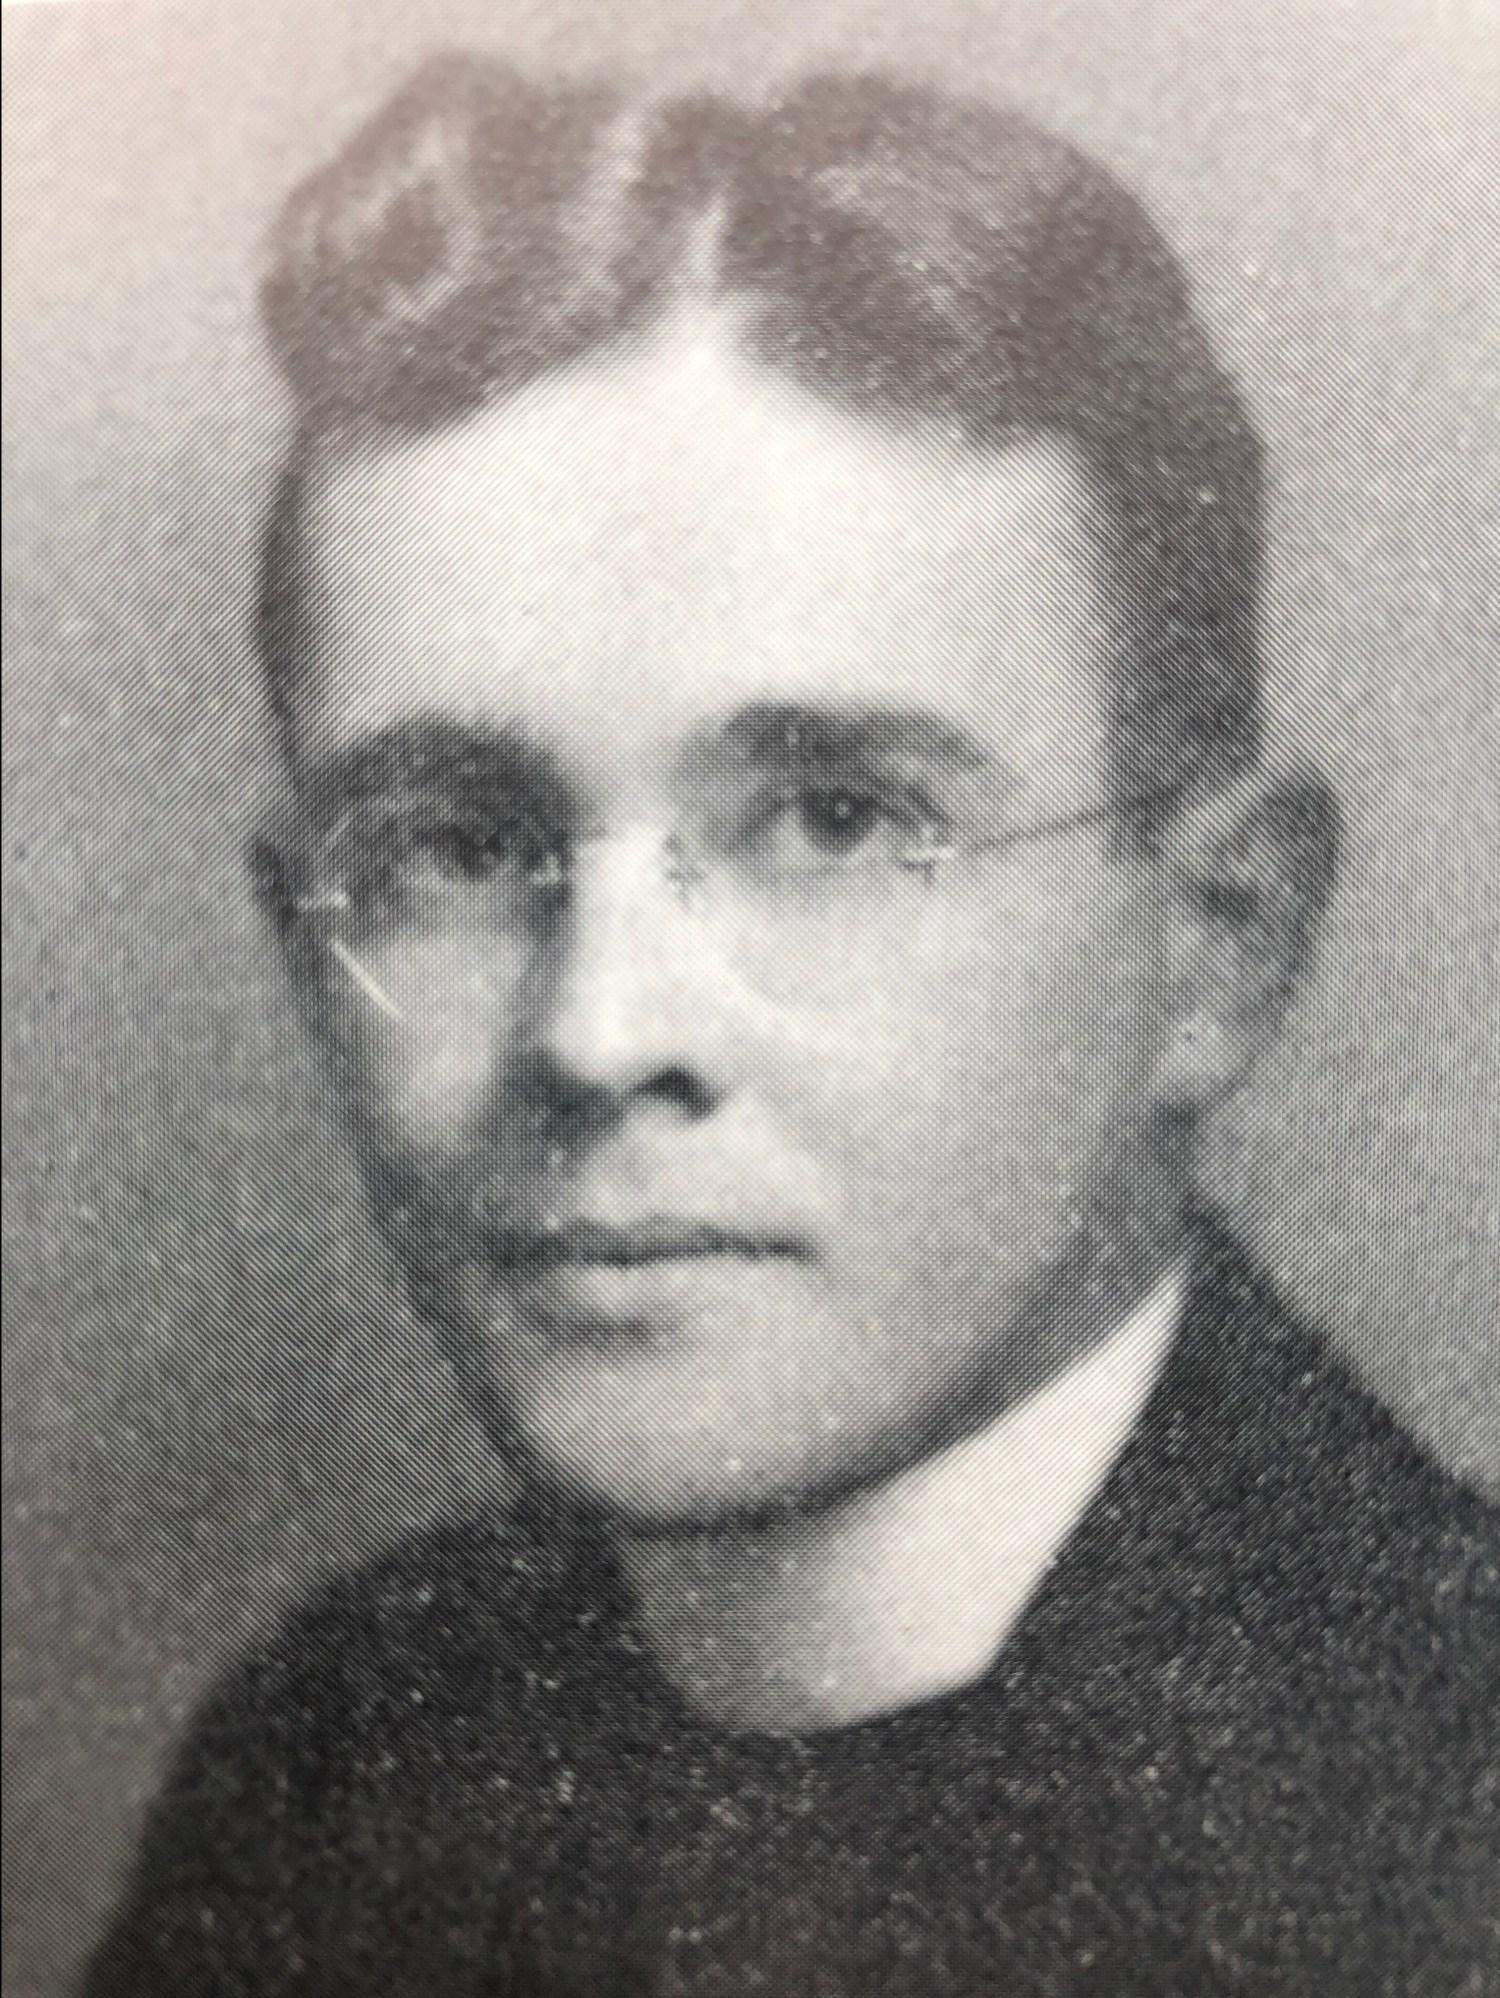 Rev. William F. Cooney